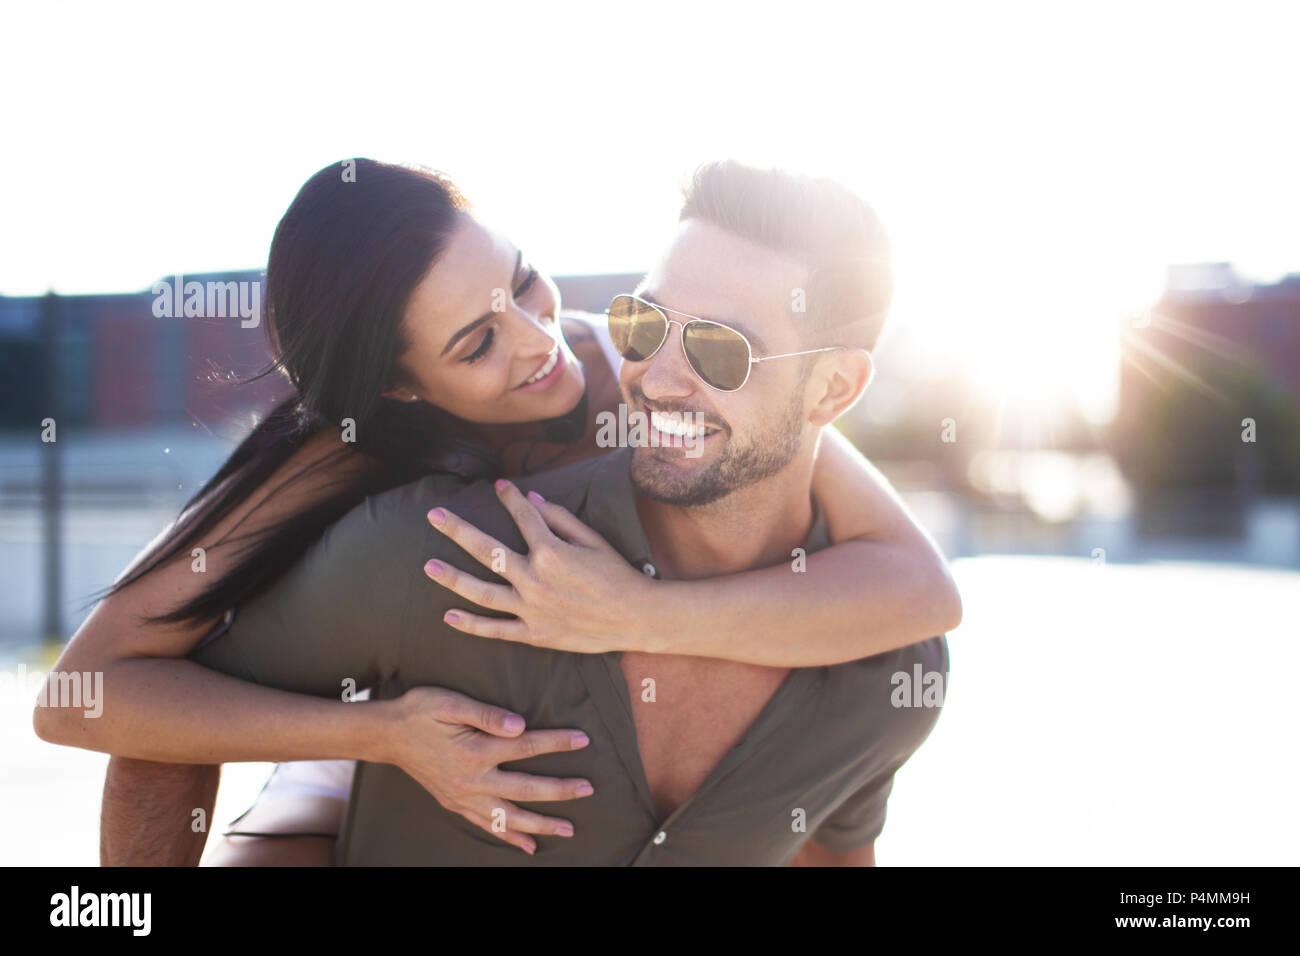 Felice giovane donna abbracciando elegante da uomo torna all'aperto in sunset Immagini Stock